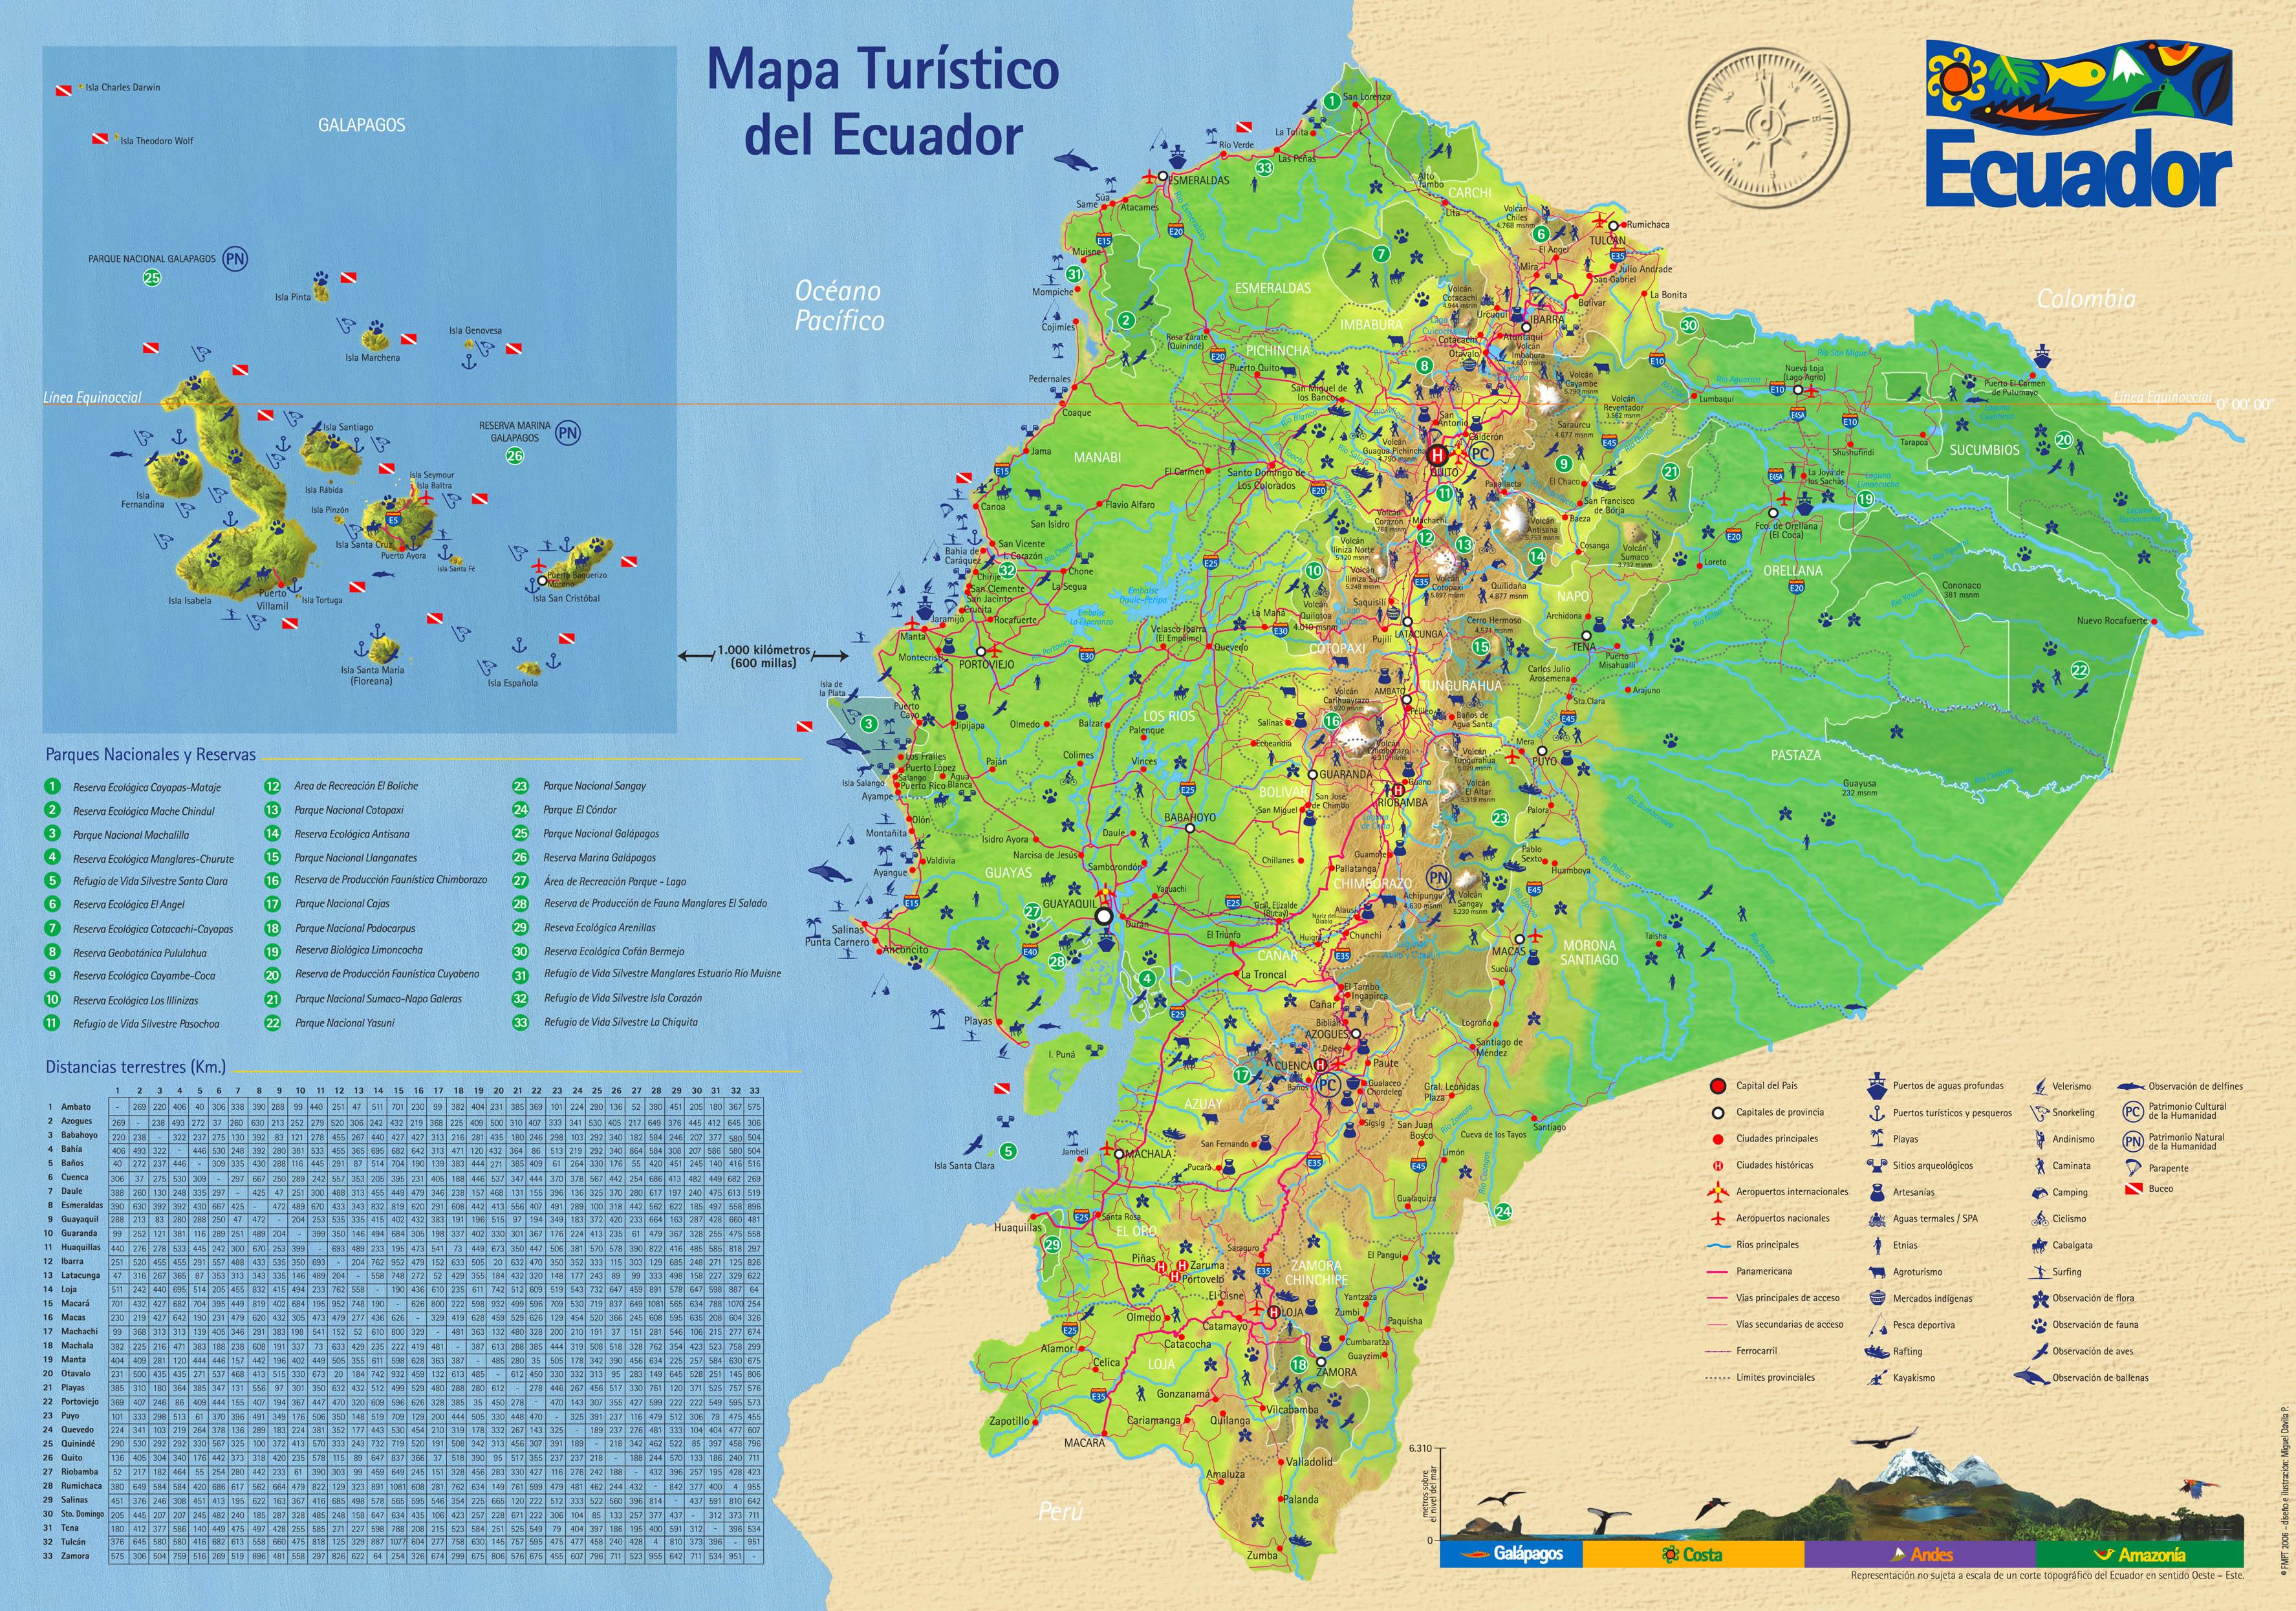 Mapa turístico del Ecuador 2006